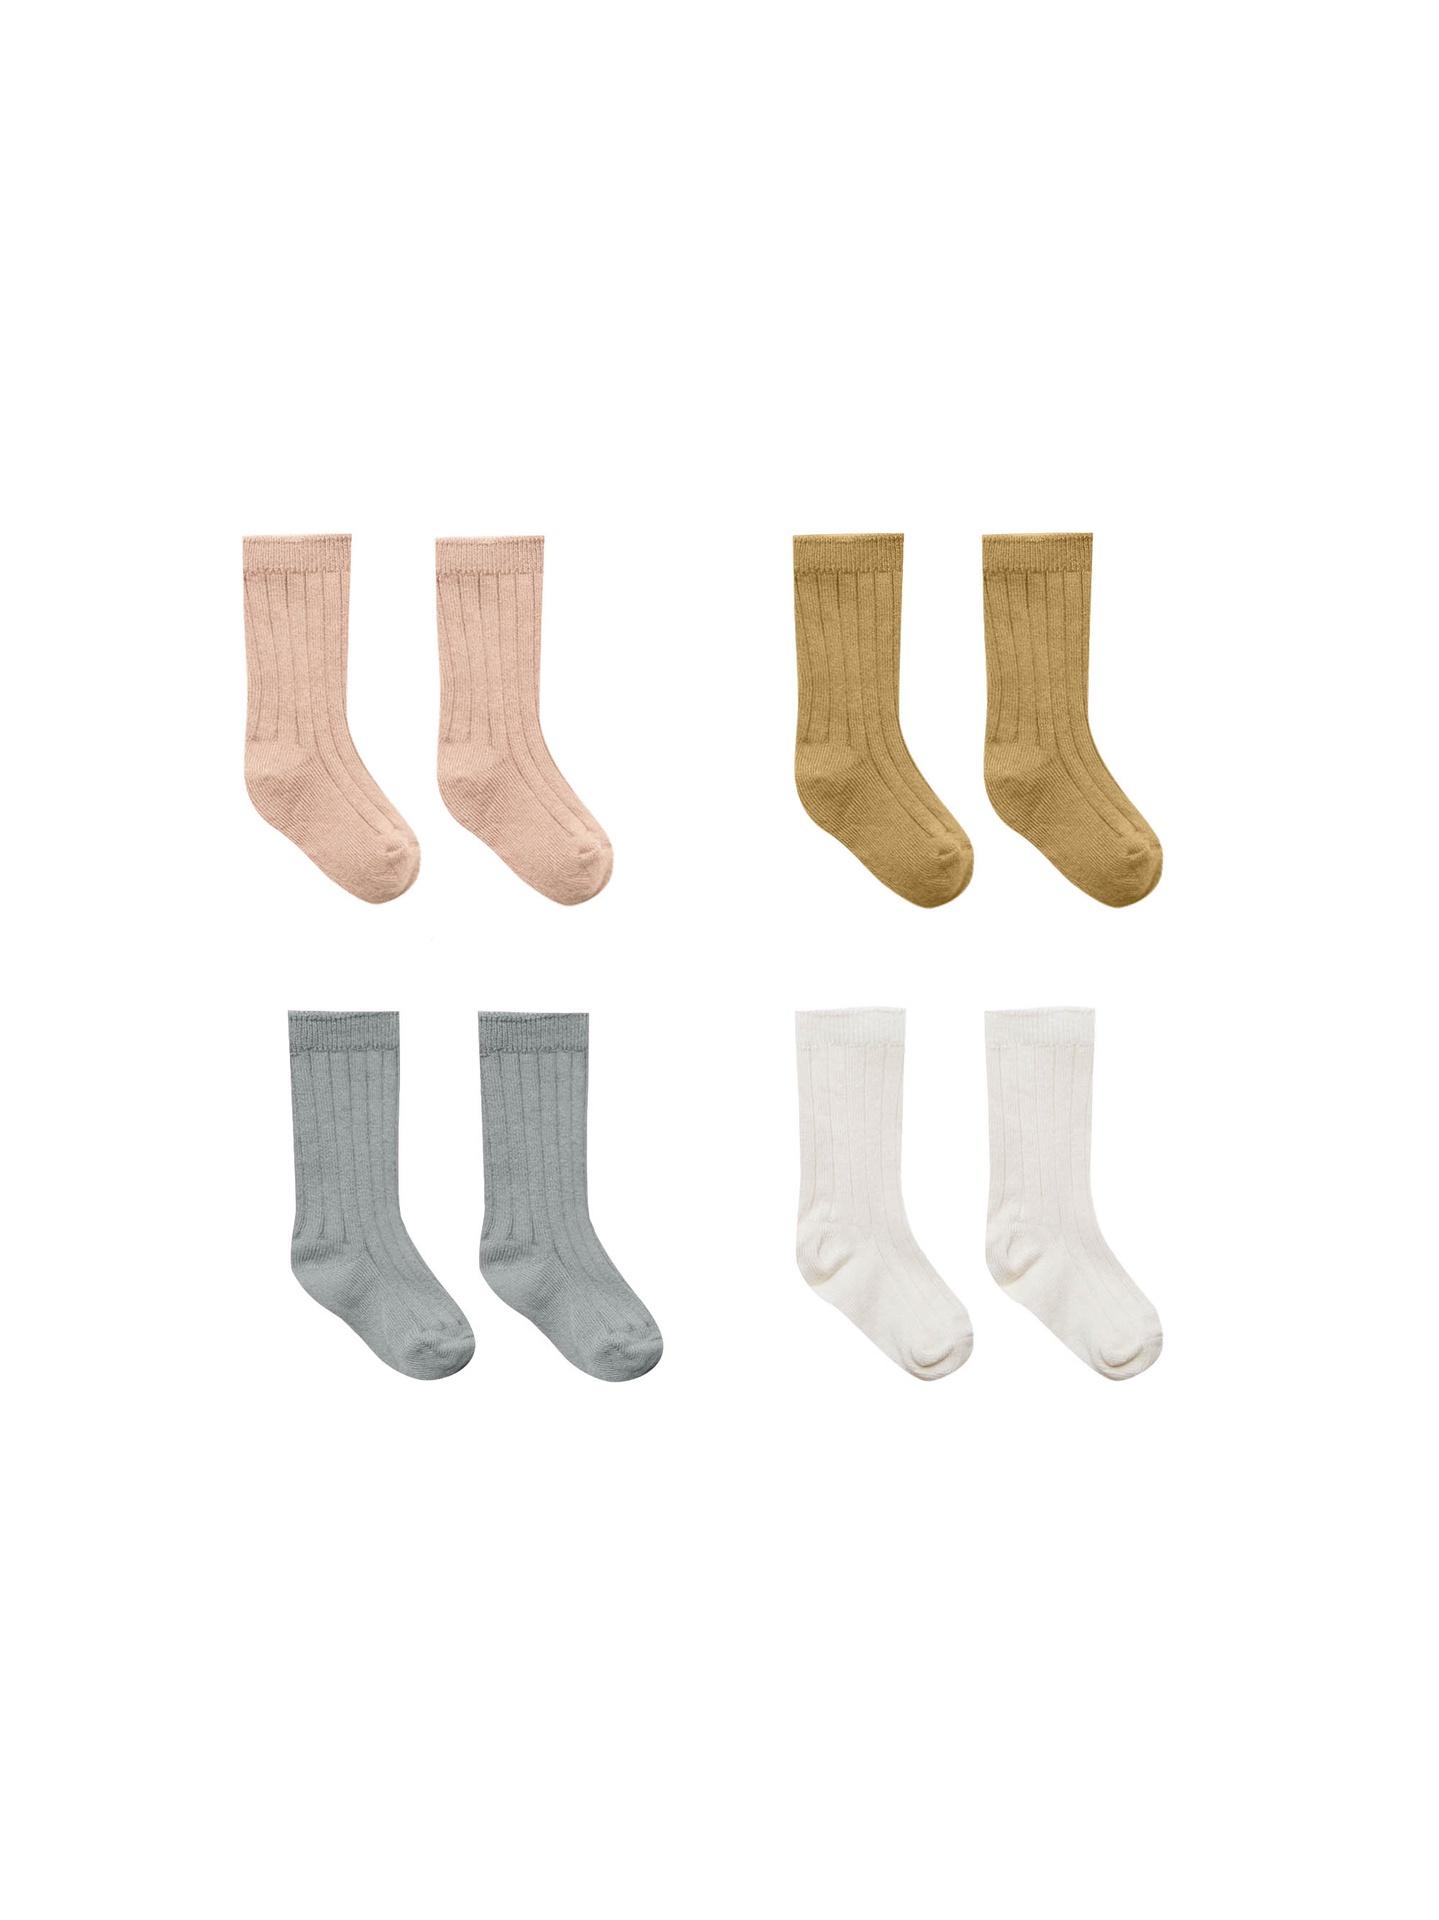 Quincy Mae Baby Socks 4 Pack (ivory, ocean, petal, gold)